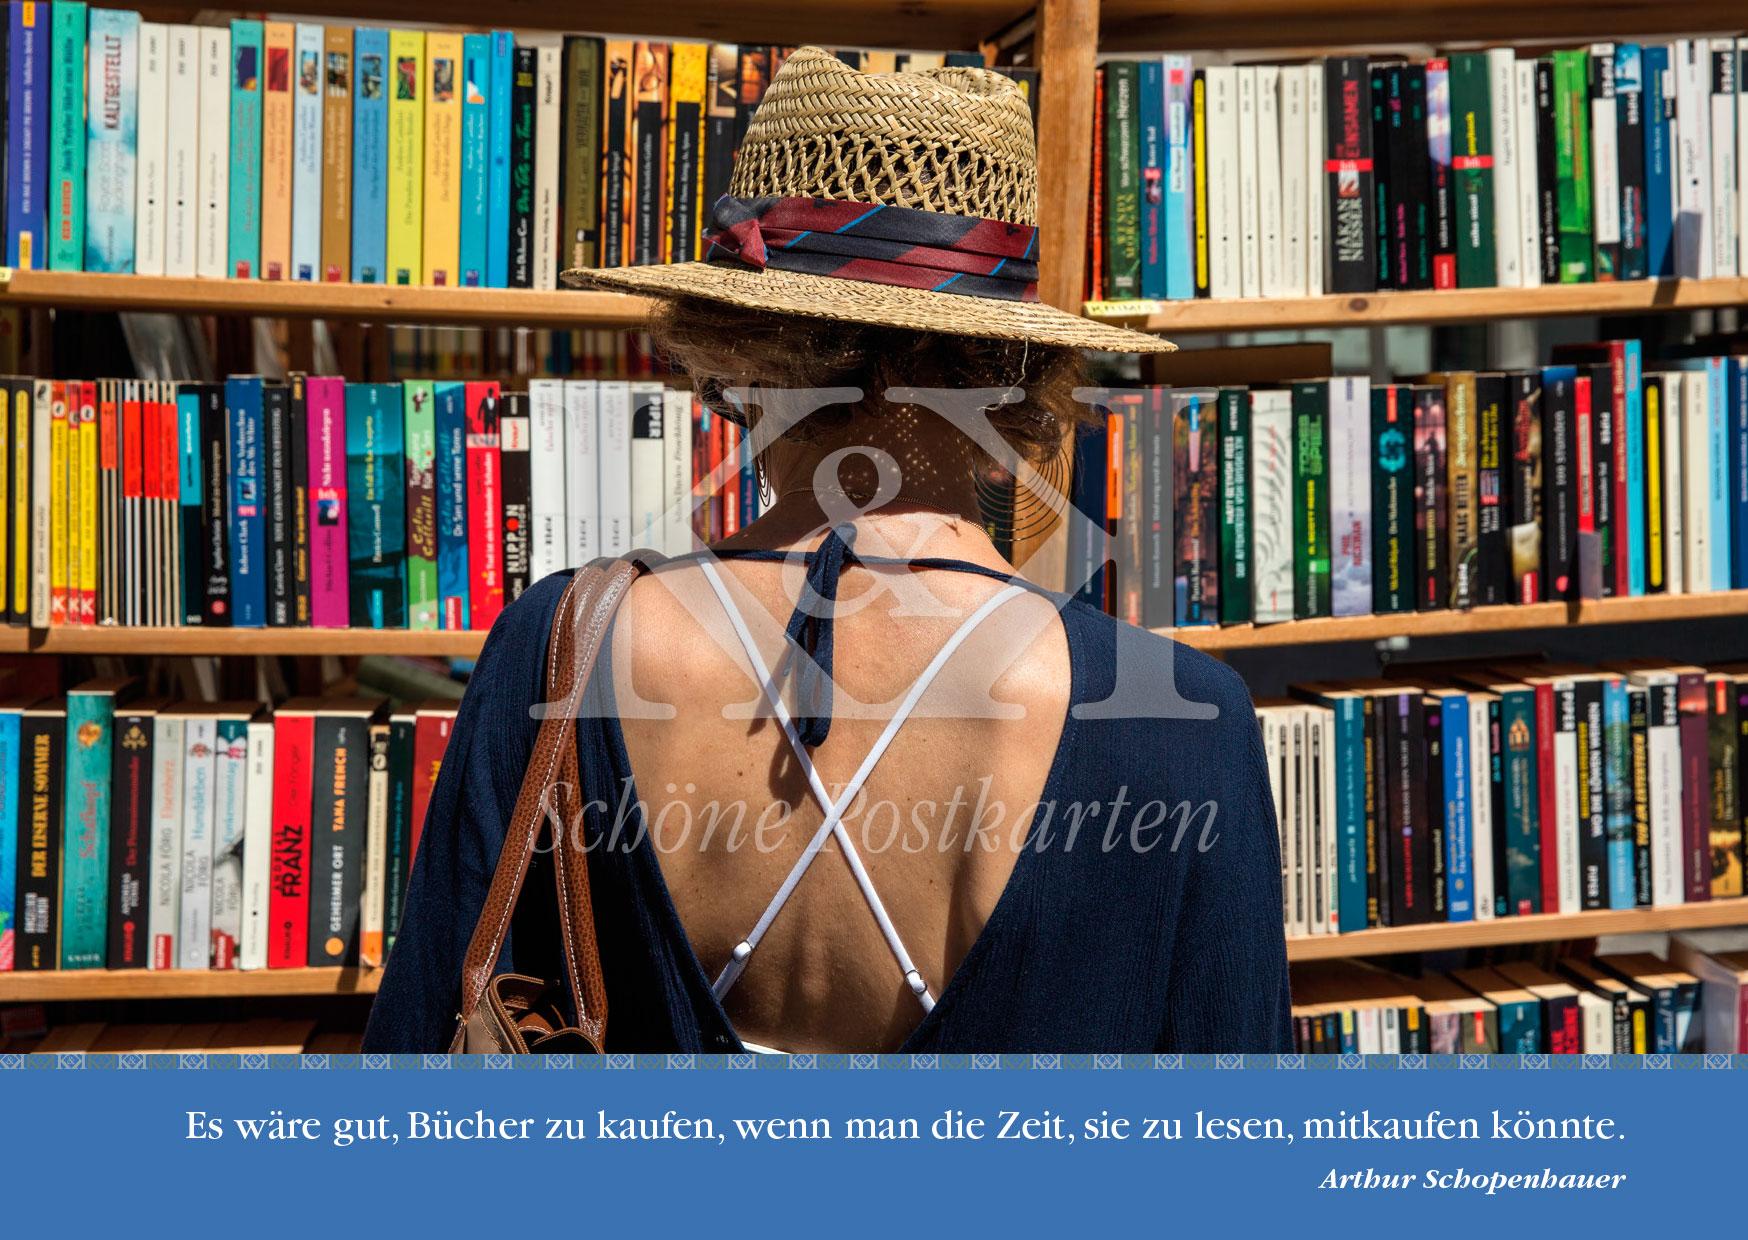 Schöne Postkarte Nr. 230 · Tübinger Bücherfest: Rücken an Rücken · © www.schoenepostkarten.de